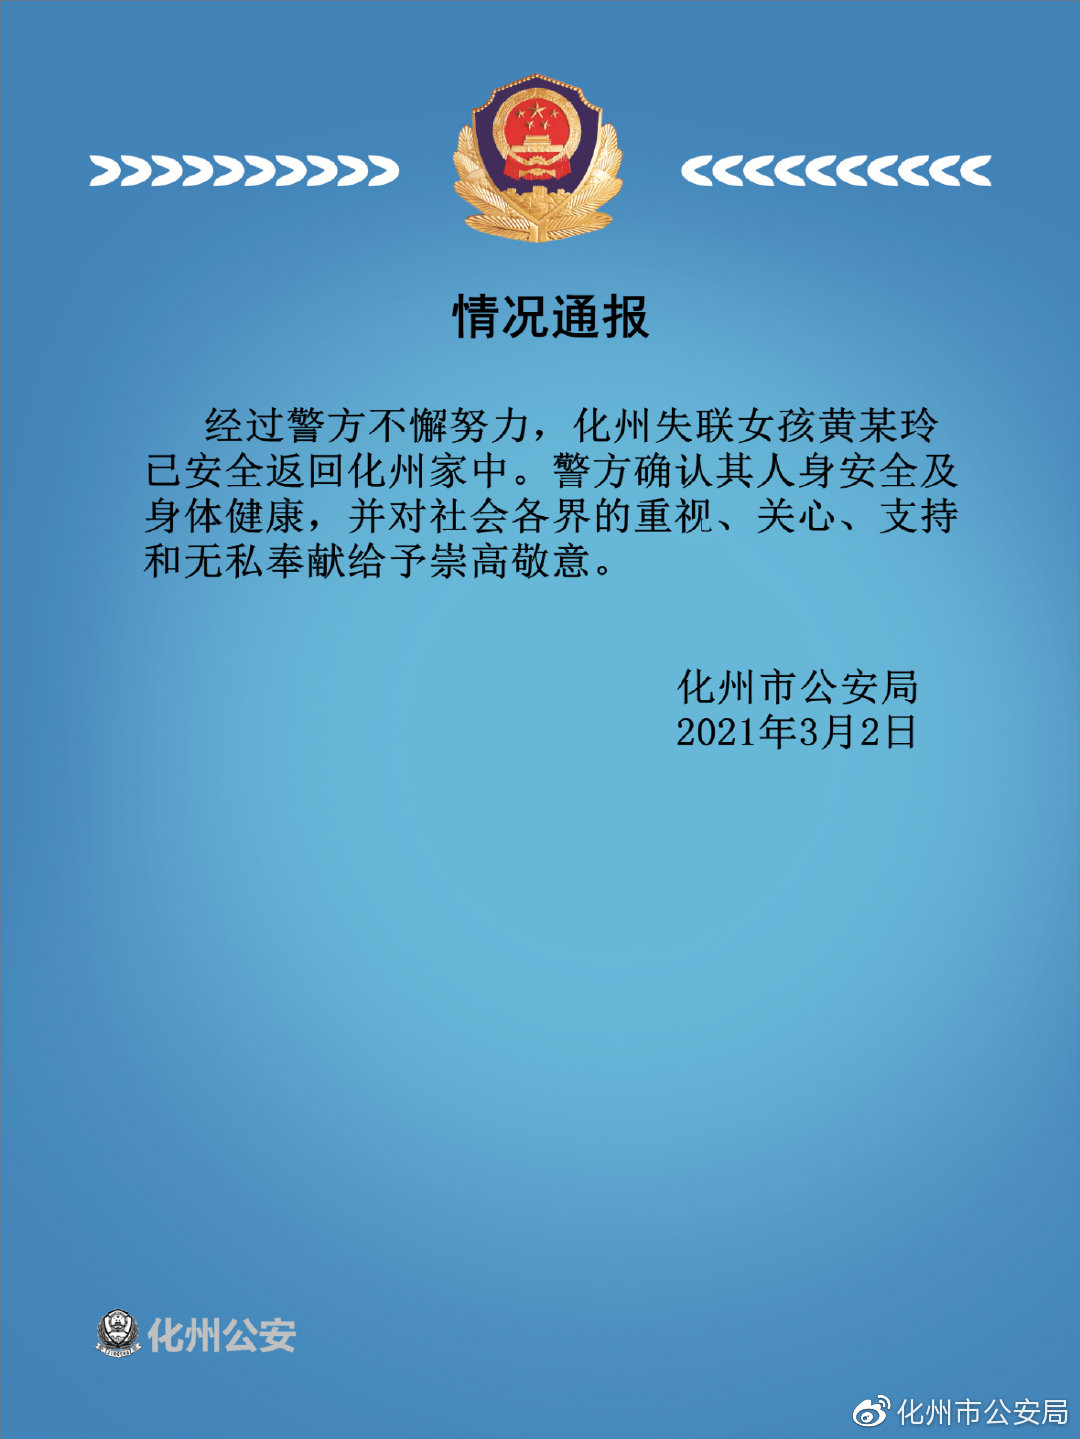 广东茂名女大学生失联 警方最新通报:已安全回家